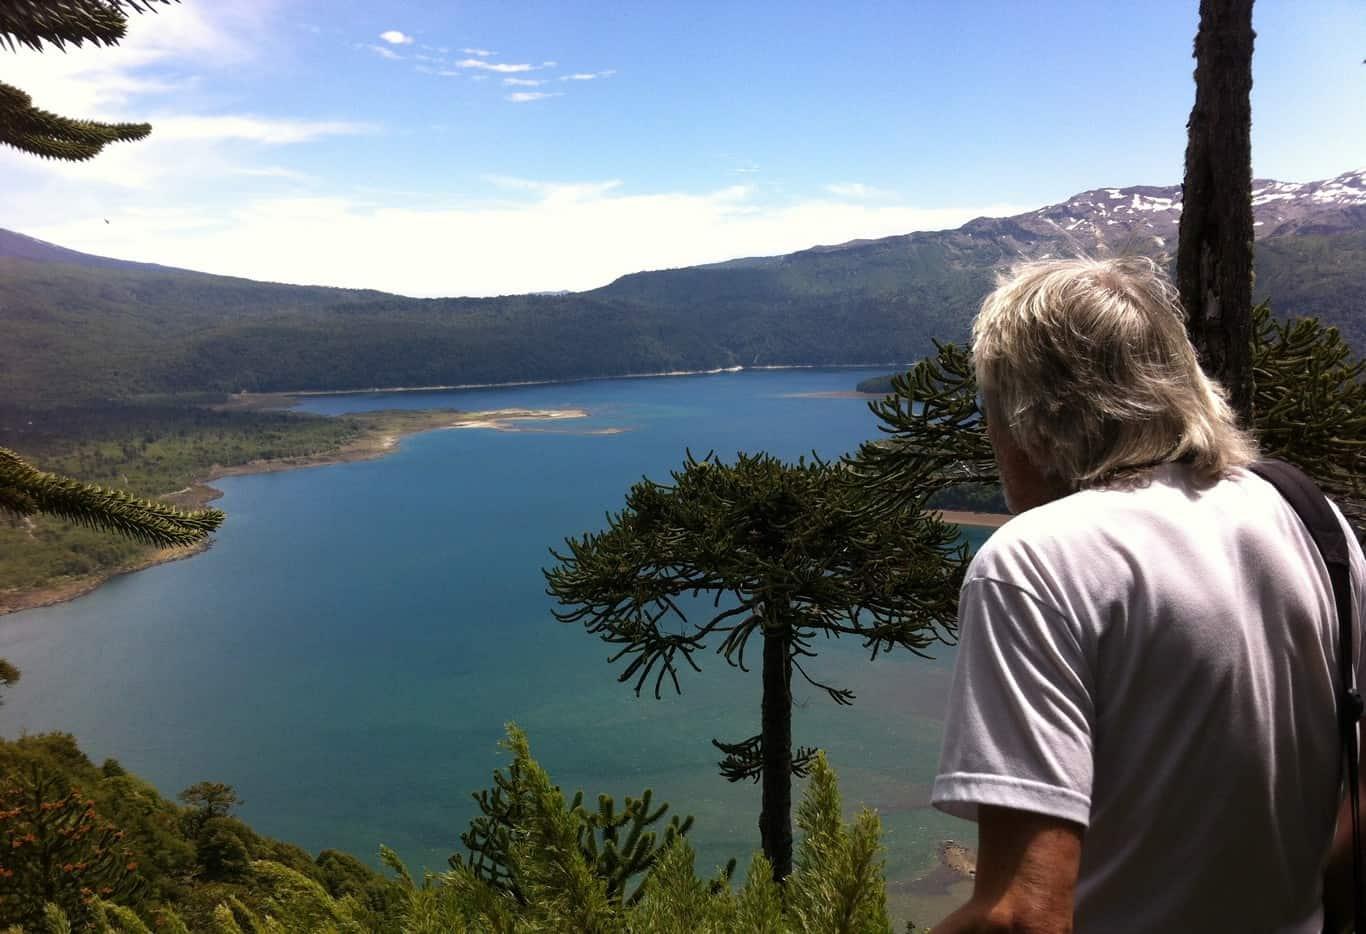 Conguillio National Park - Conguillio Lake